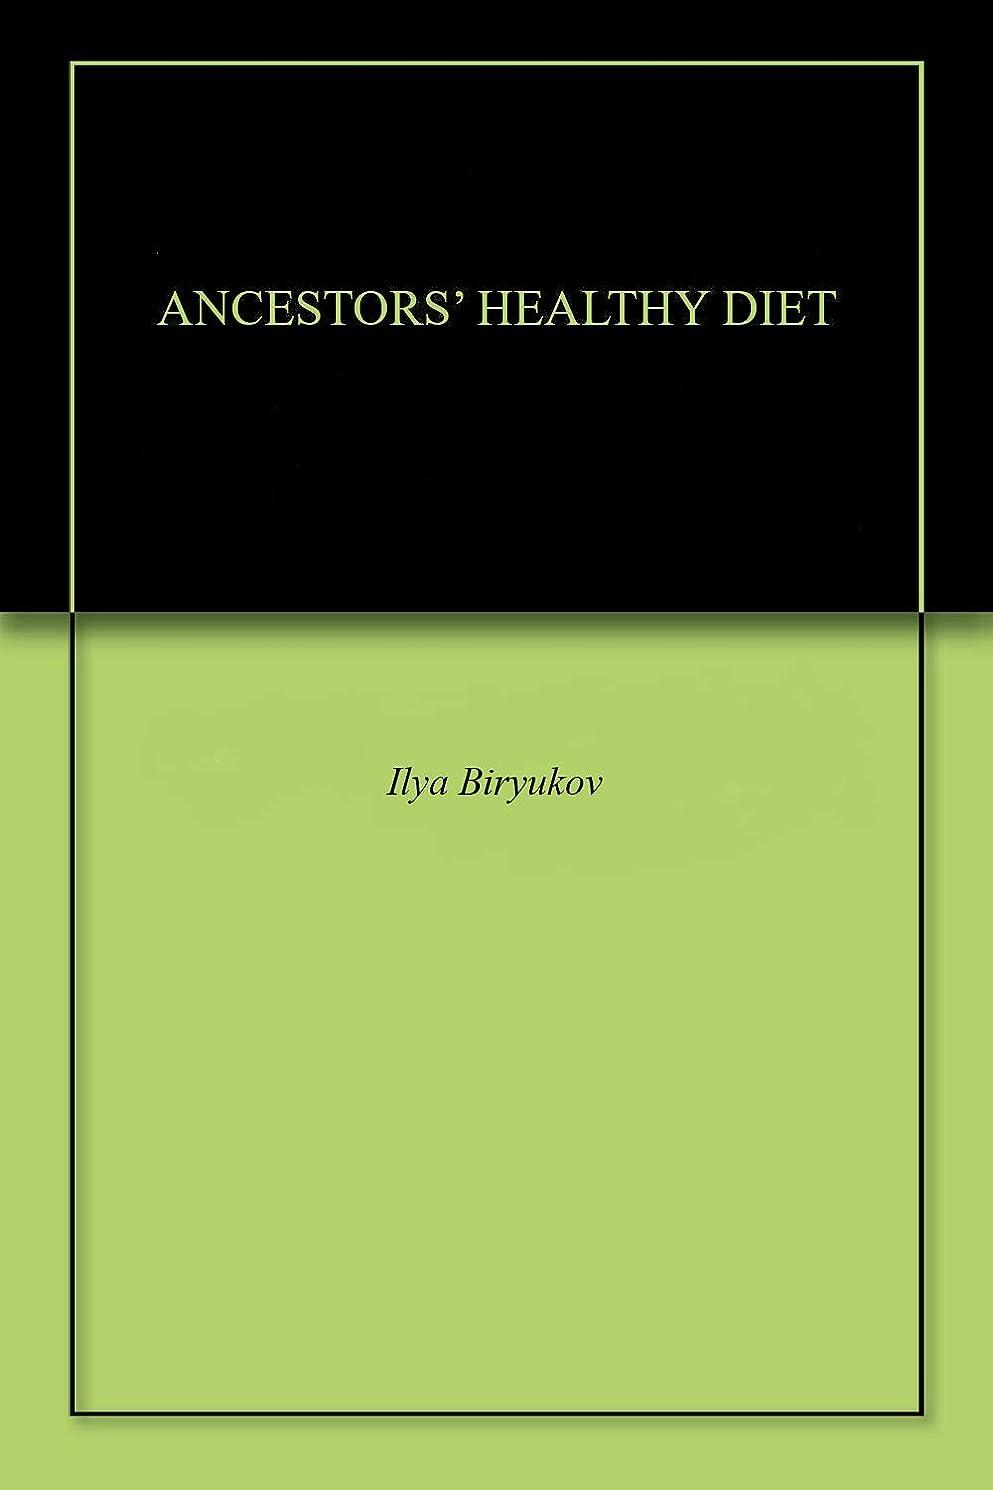 すすり泣き常識アンケートANCESTORS' HEALTHY DIET (English Edition)